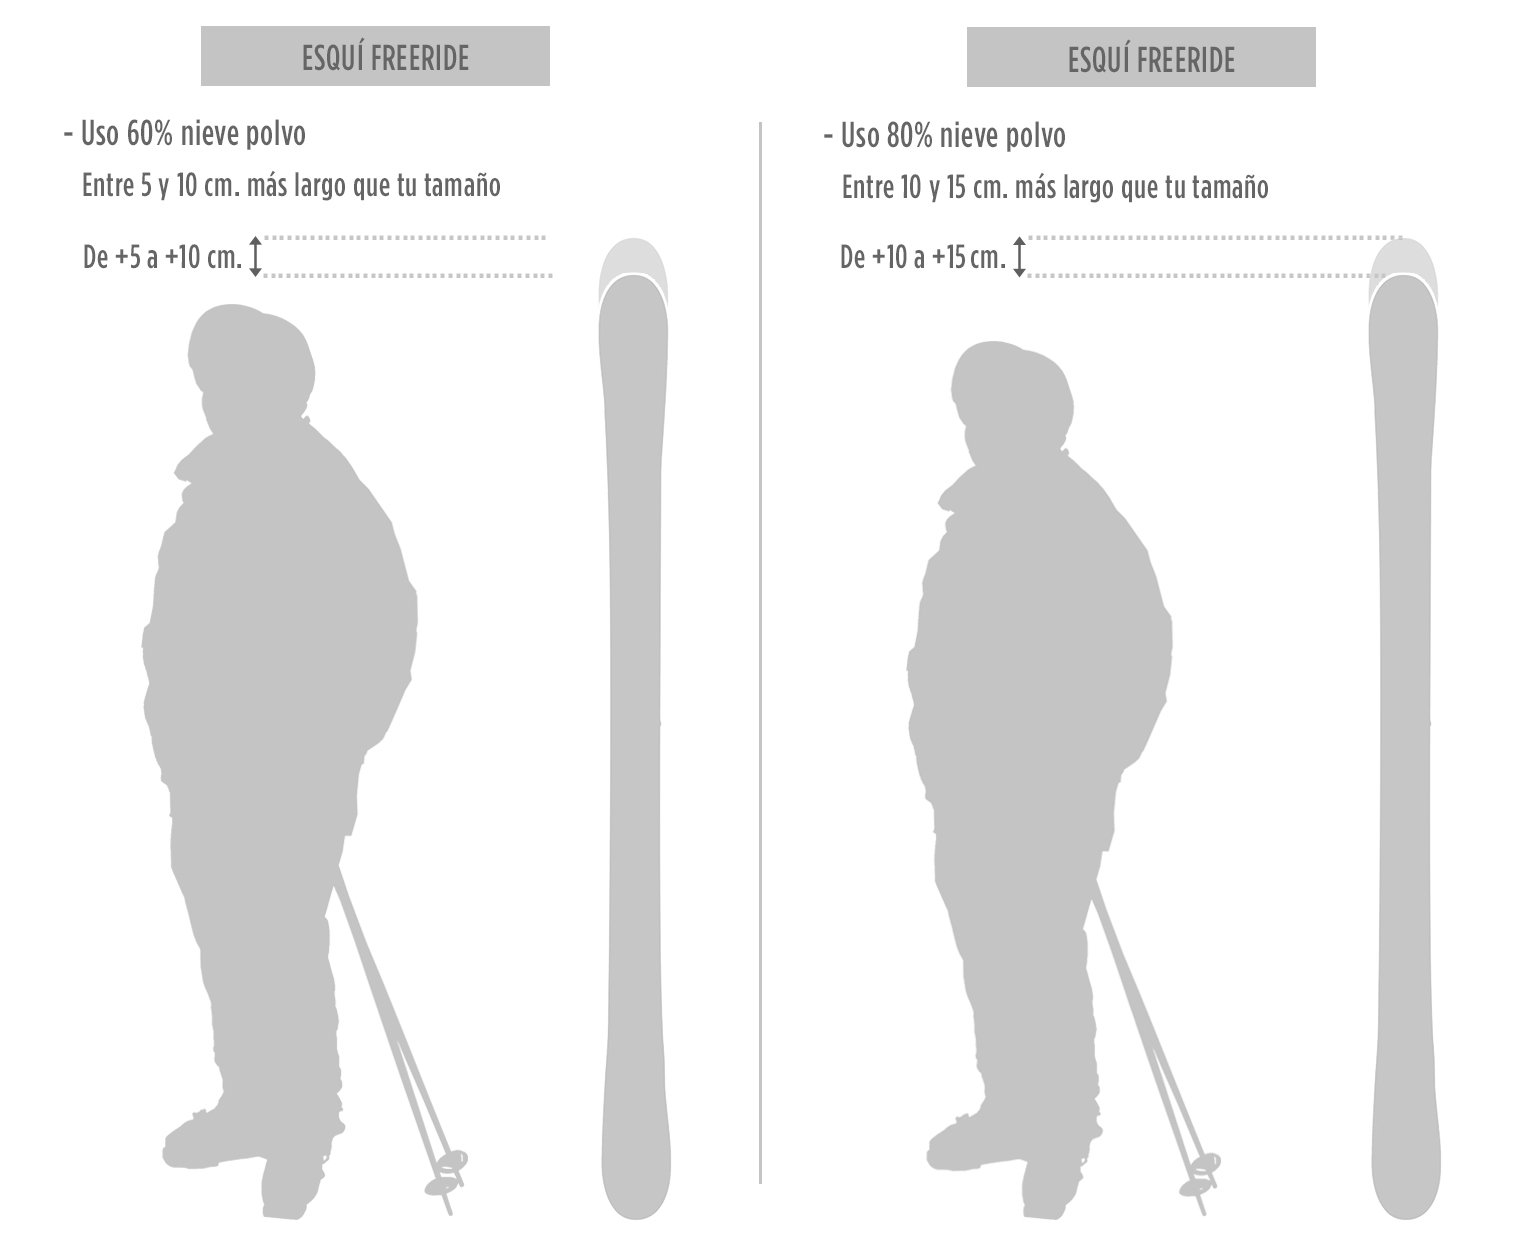 Qué talla de esquí freeride elegir